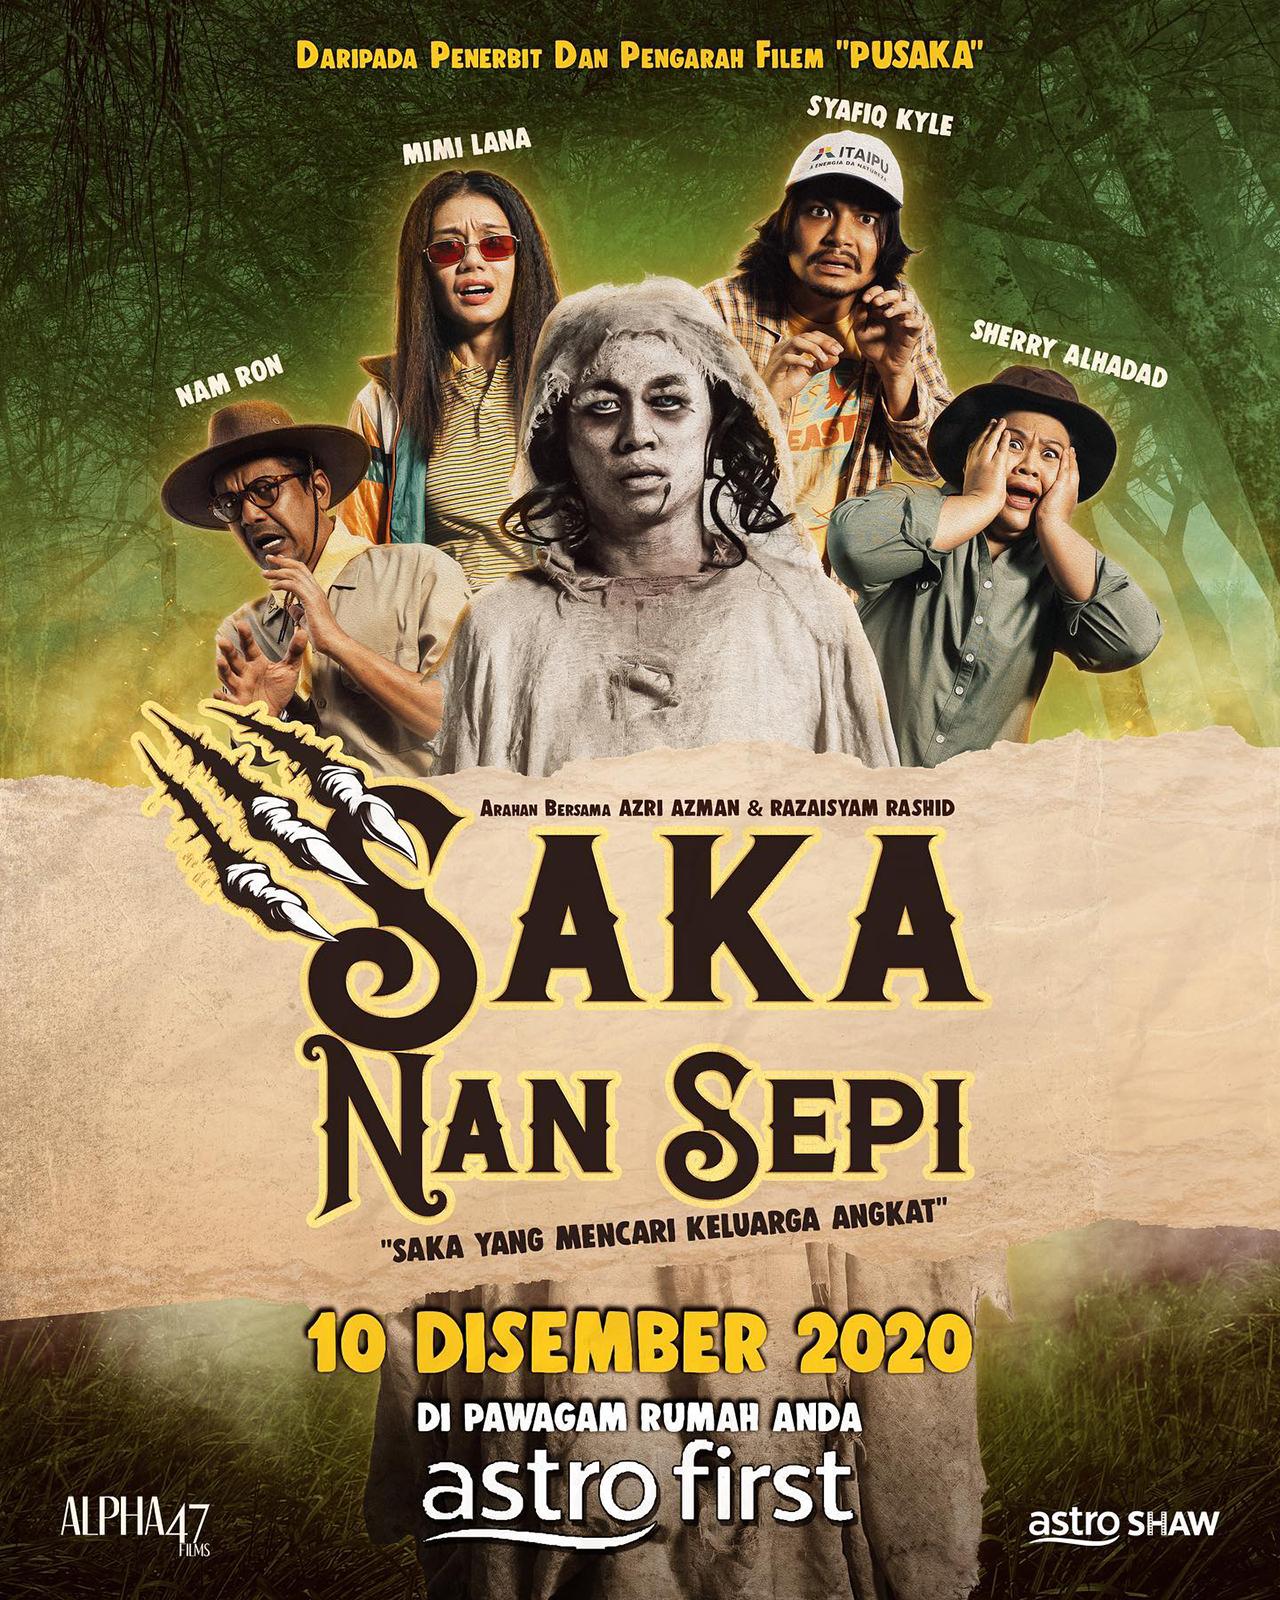 Filem Saka Nan Sepi